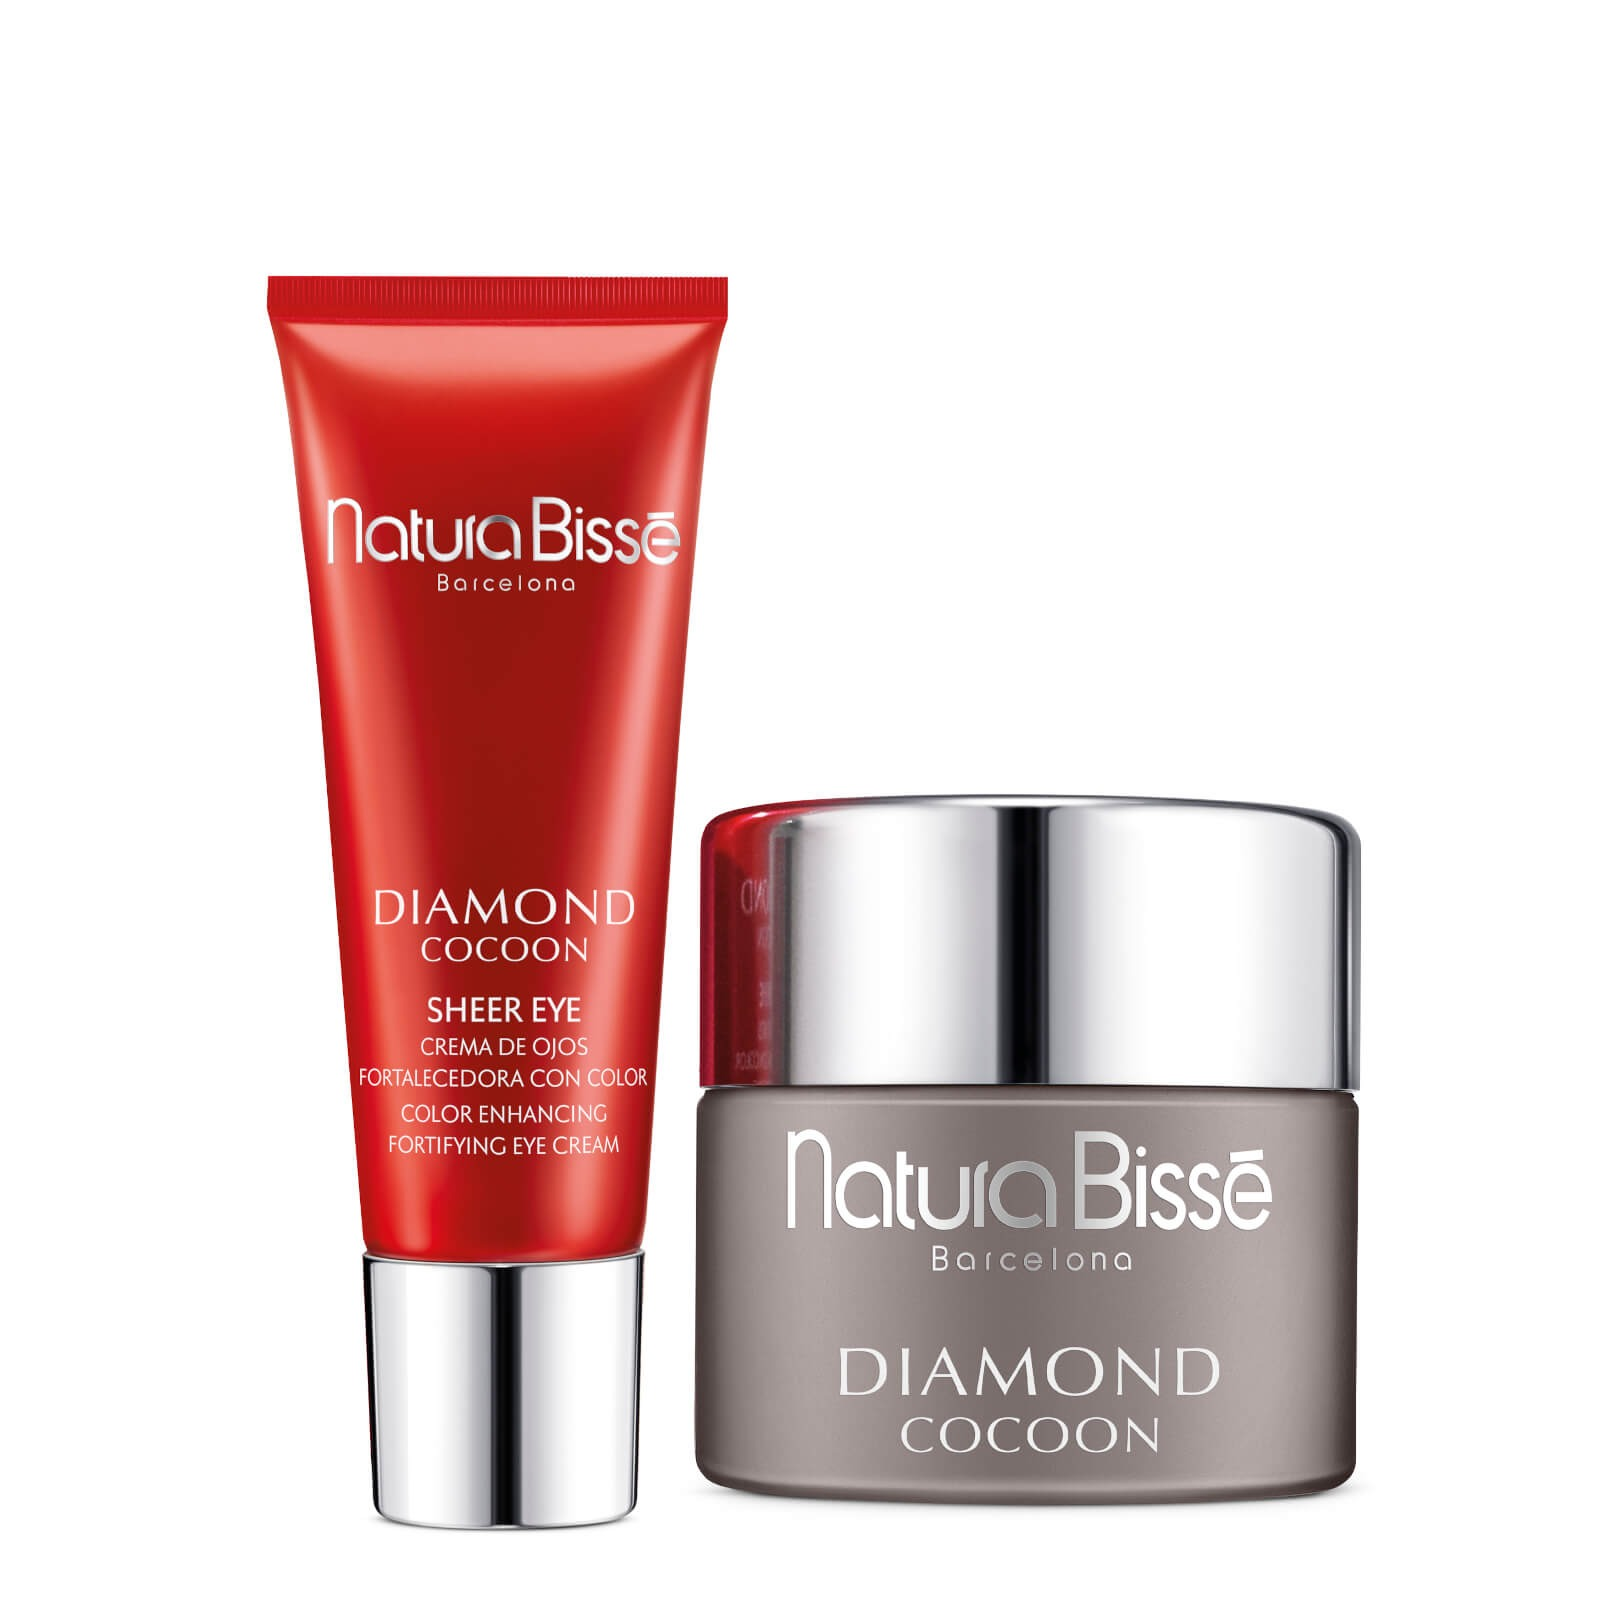 Skinstore:Natura bisse 悦碧施护肤套装热卖,收新蔻坤套装